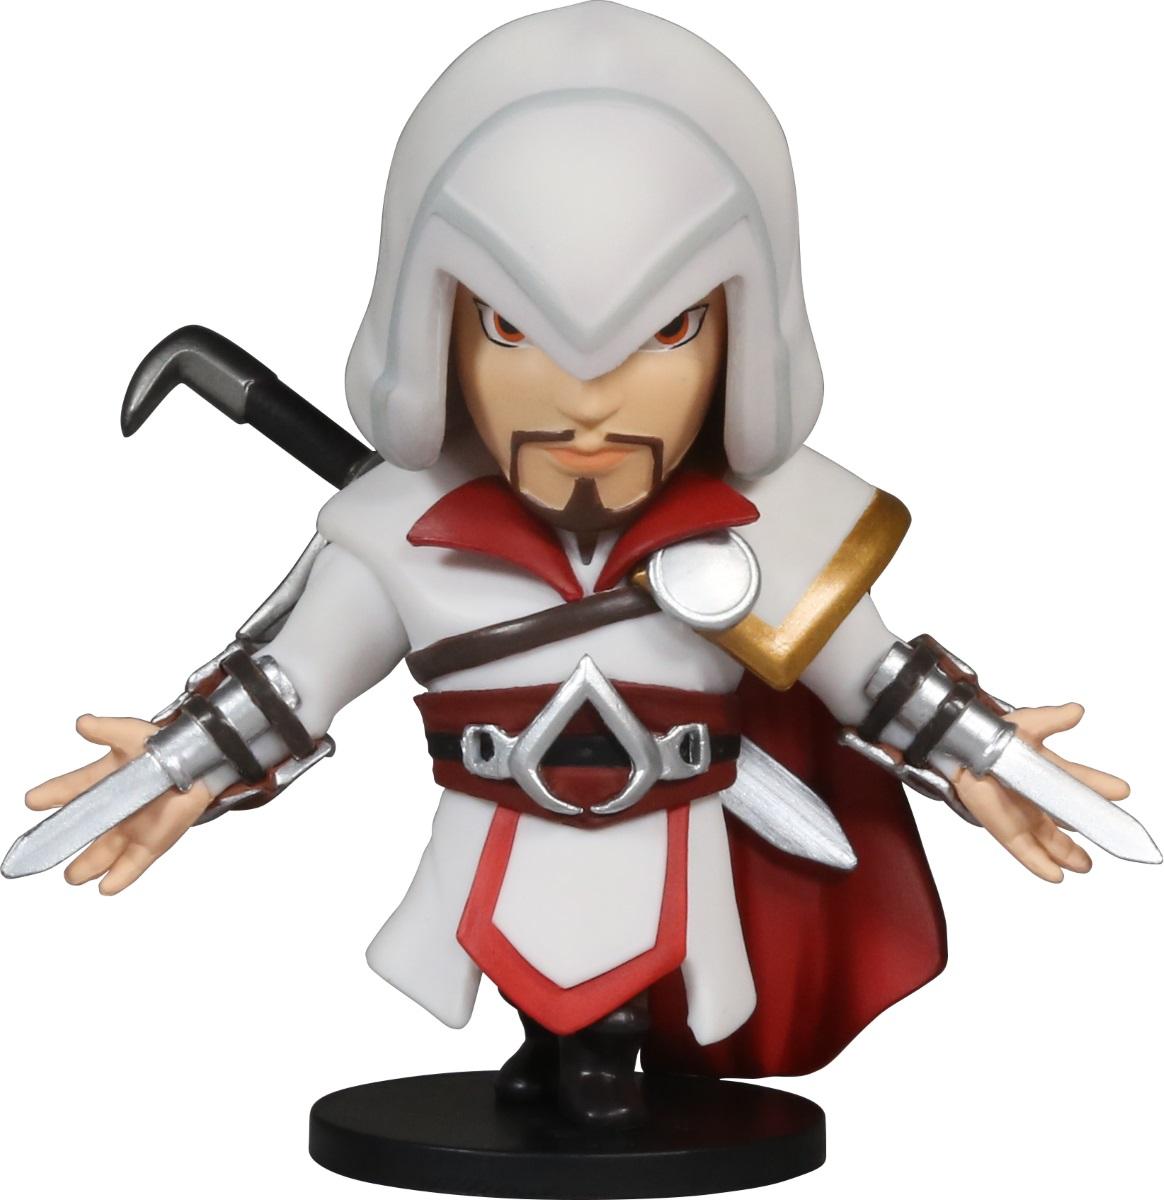 Коллекционная фигурка Assassins Creed Soul Hunters: Ezio Brotherhood (8 см)Закажите коллекционную фигурку Ezio Brotherhood, представляющую собой легендарного асассина Эцио Аудиторе из игры Assassin's Creed Братство крови, уже сейчас и вы получите 70 дополнительных бонусов на карту 1С Интерес.<br>